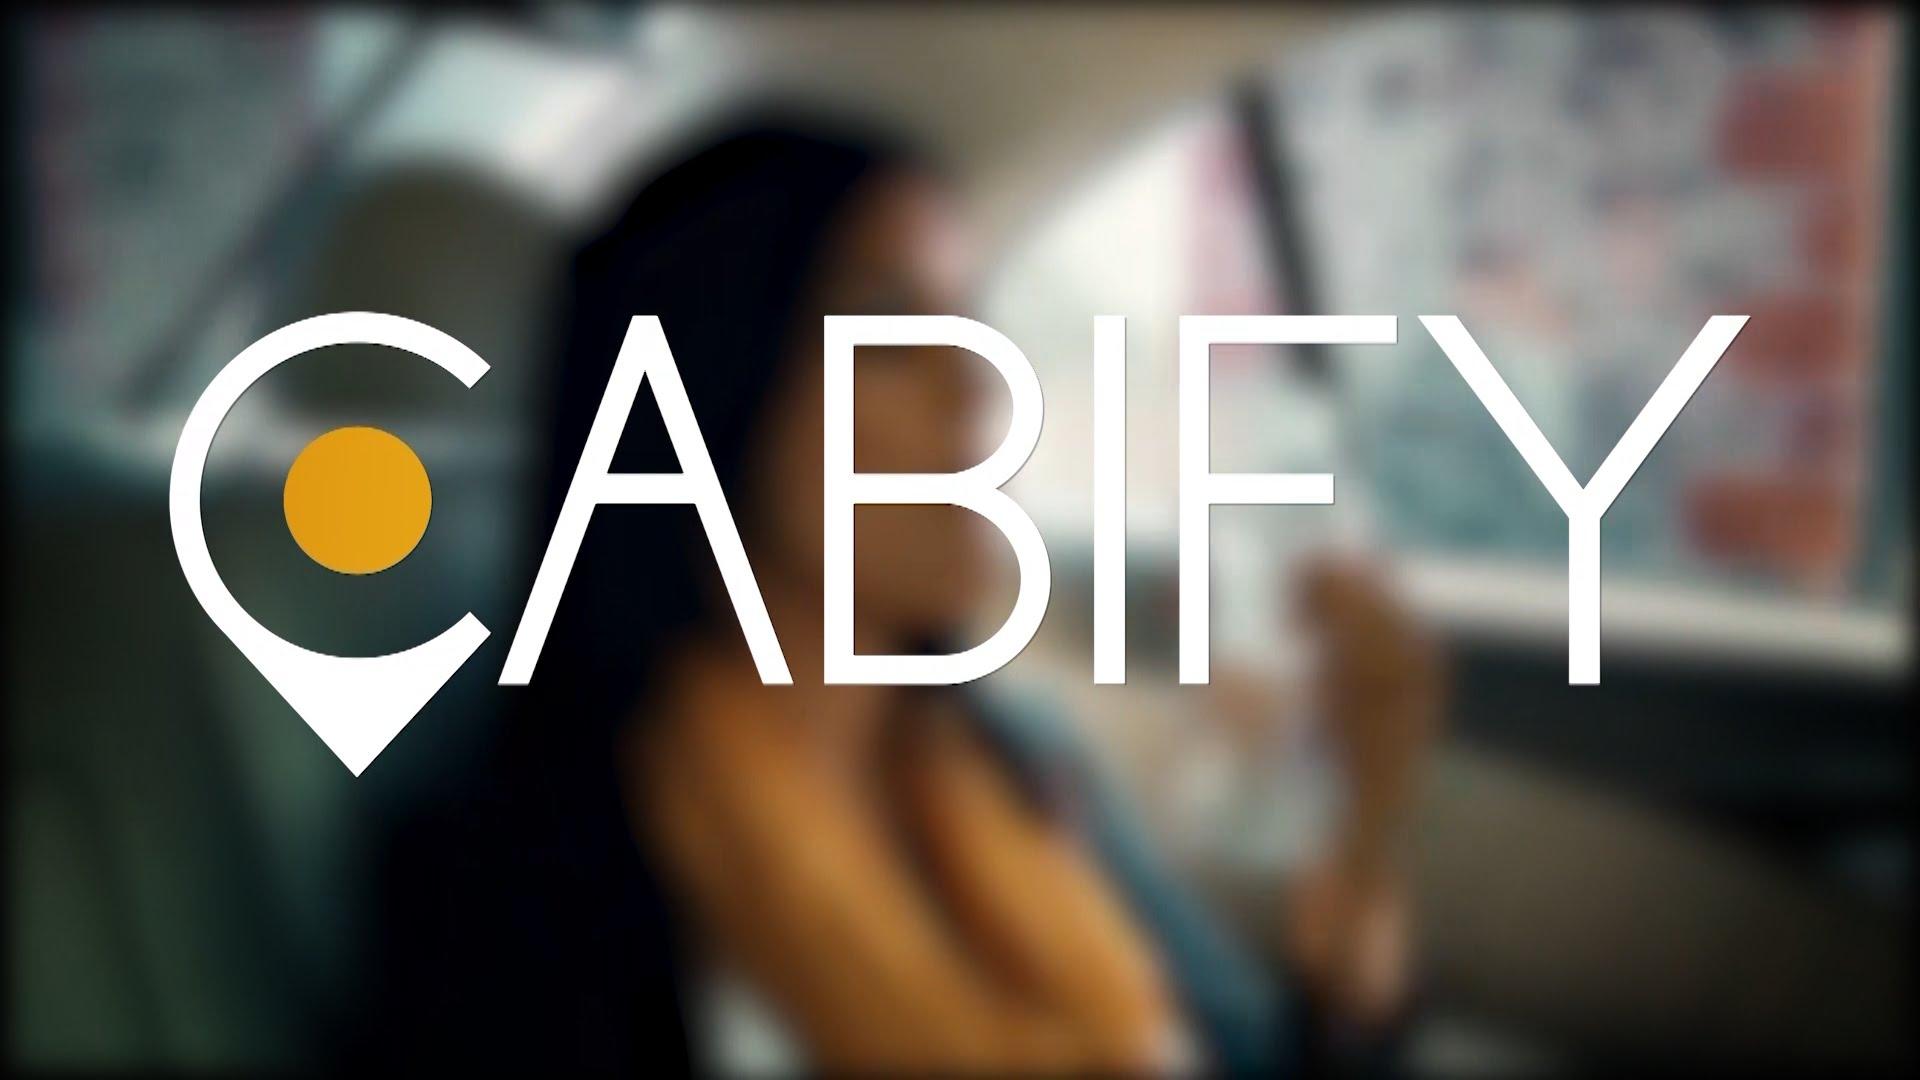 Cabify Guadalajara: código para 2 descuentos de $50 (usuarios existentes)